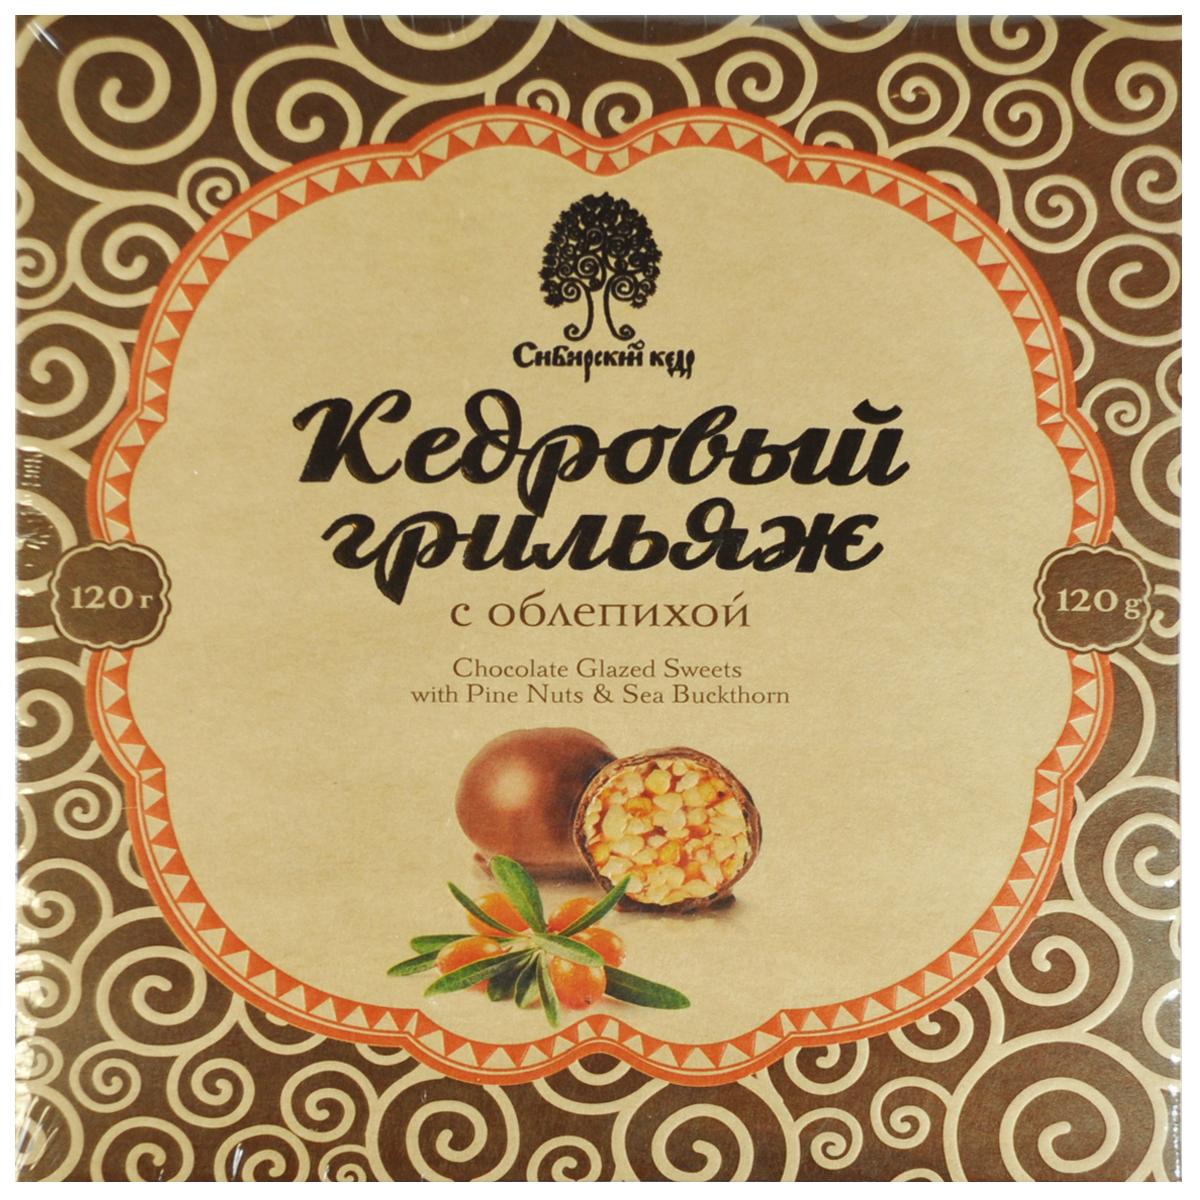 Сибирский Кедр конфеты грильяж кедроый с облепихой шоколадной глазури, 120 г